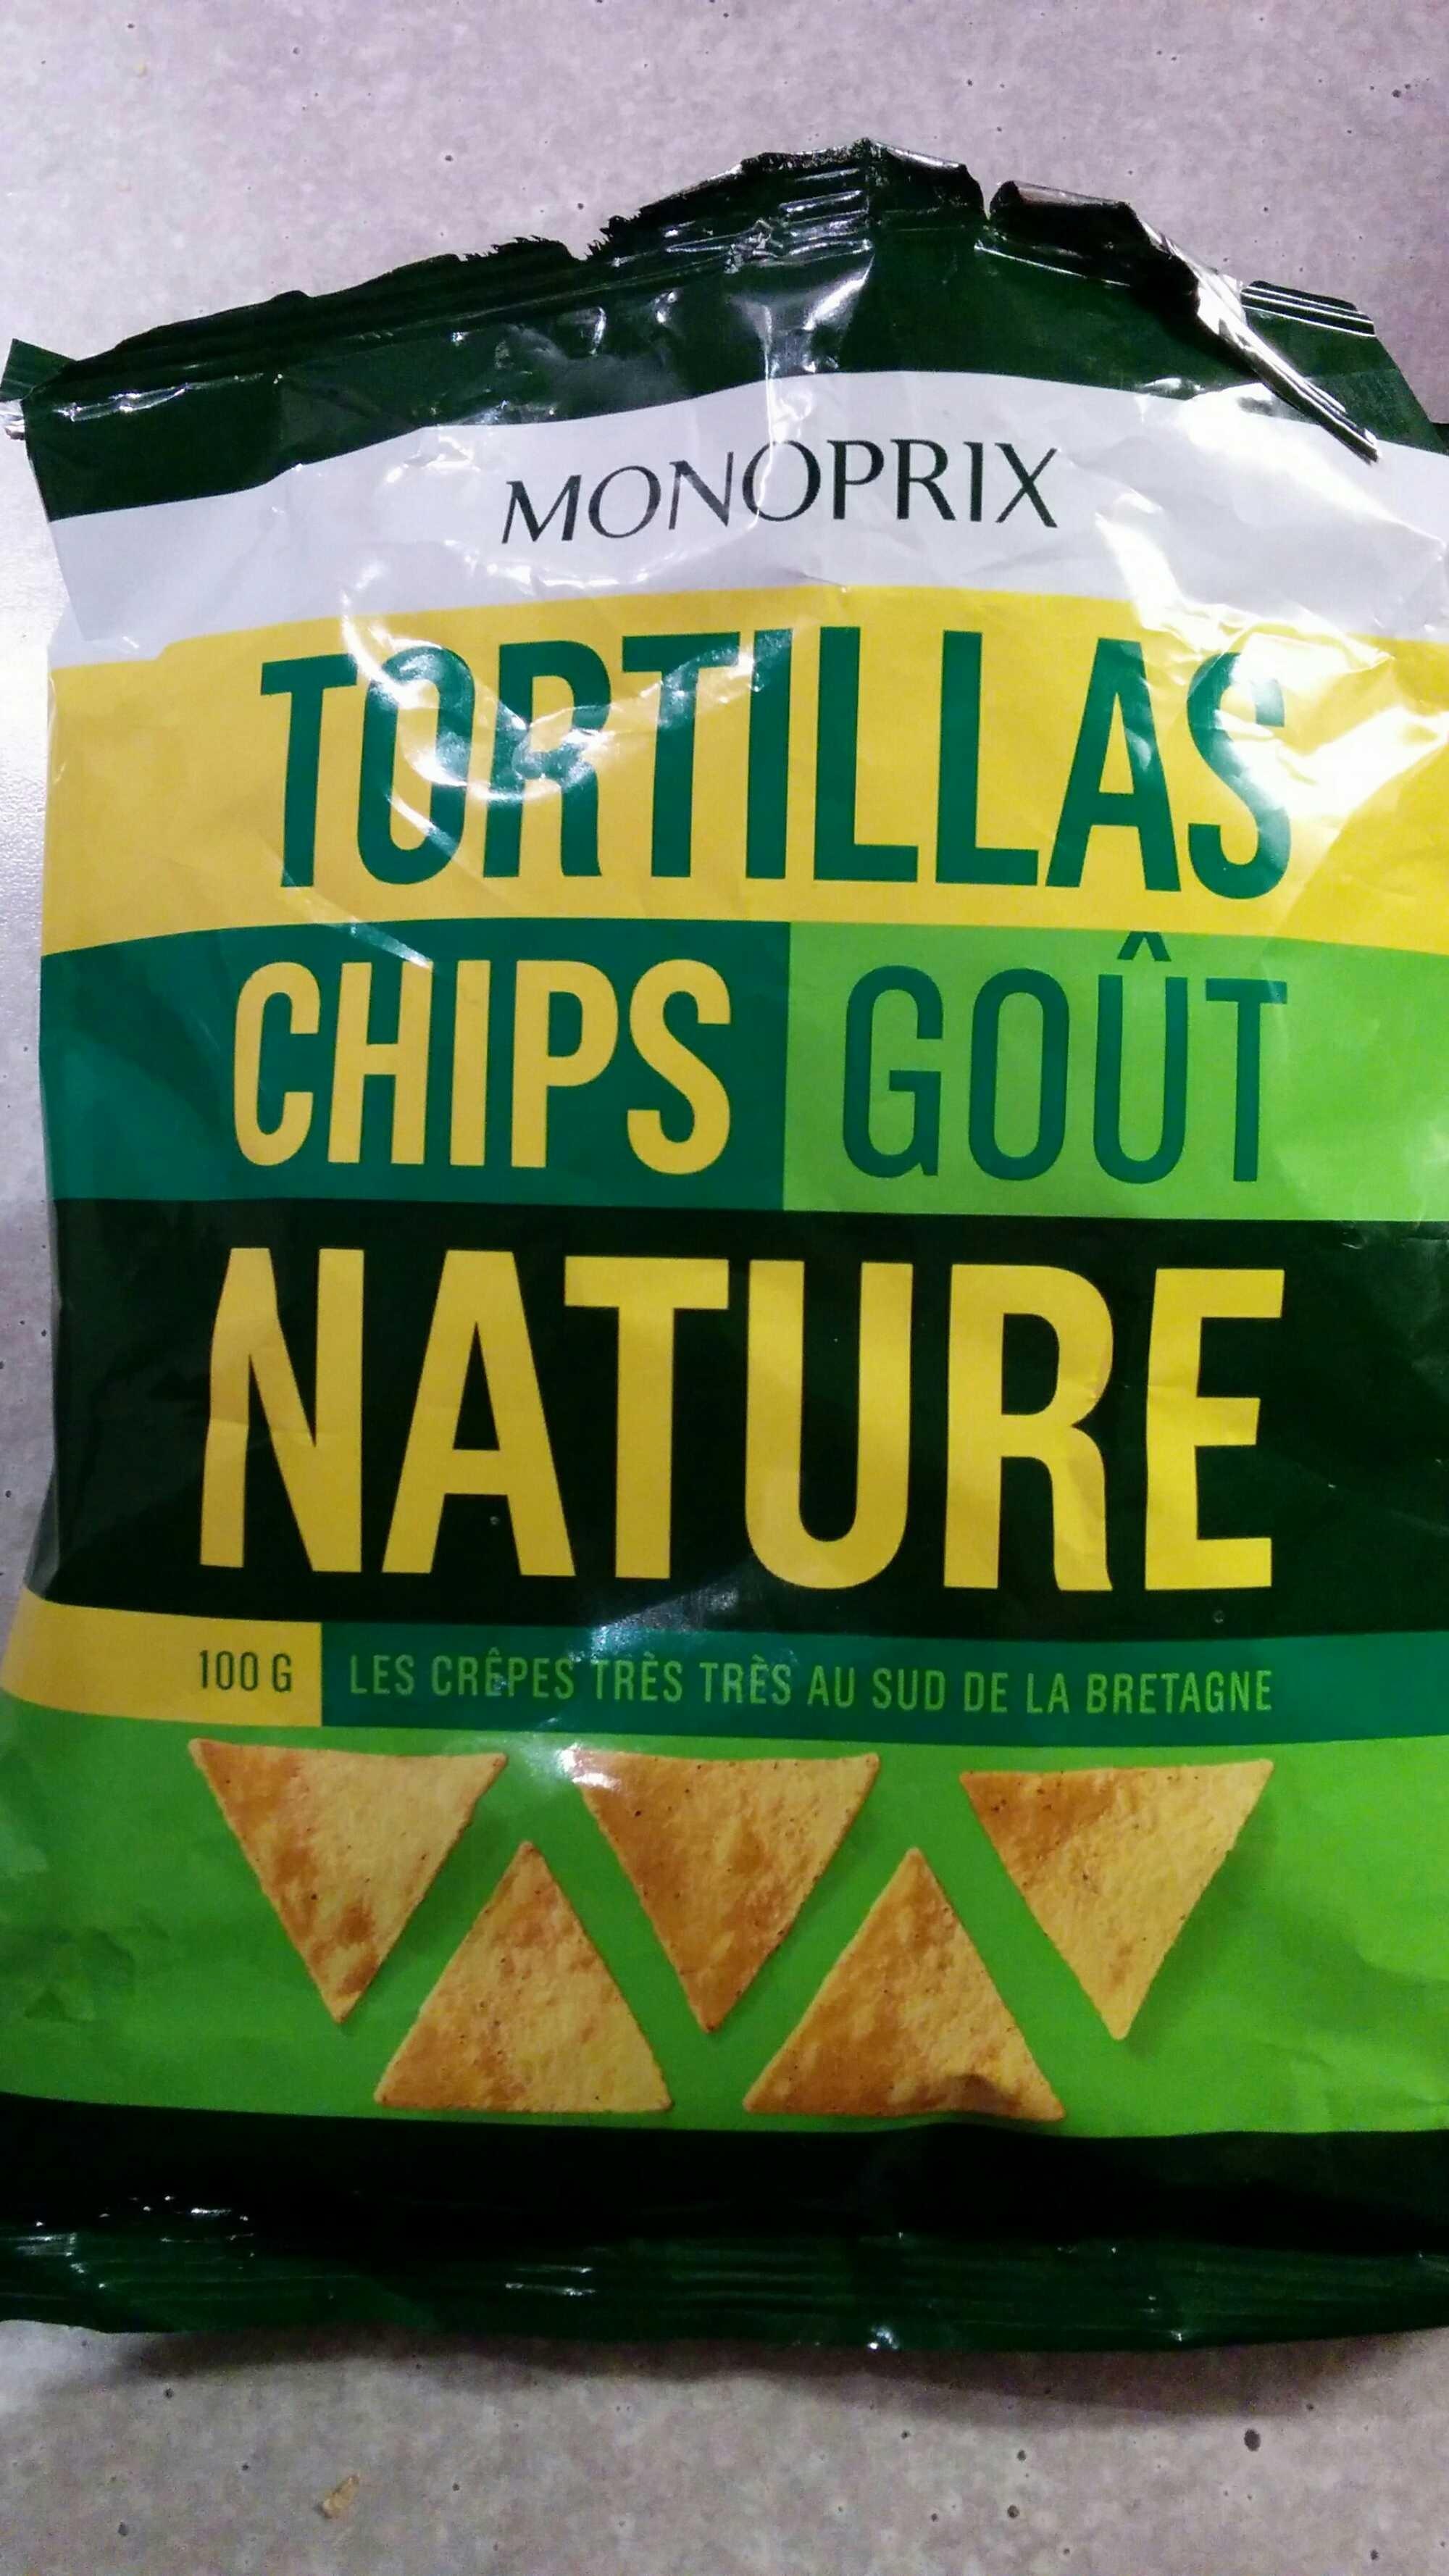 Tortillas chips goût nature - Produit